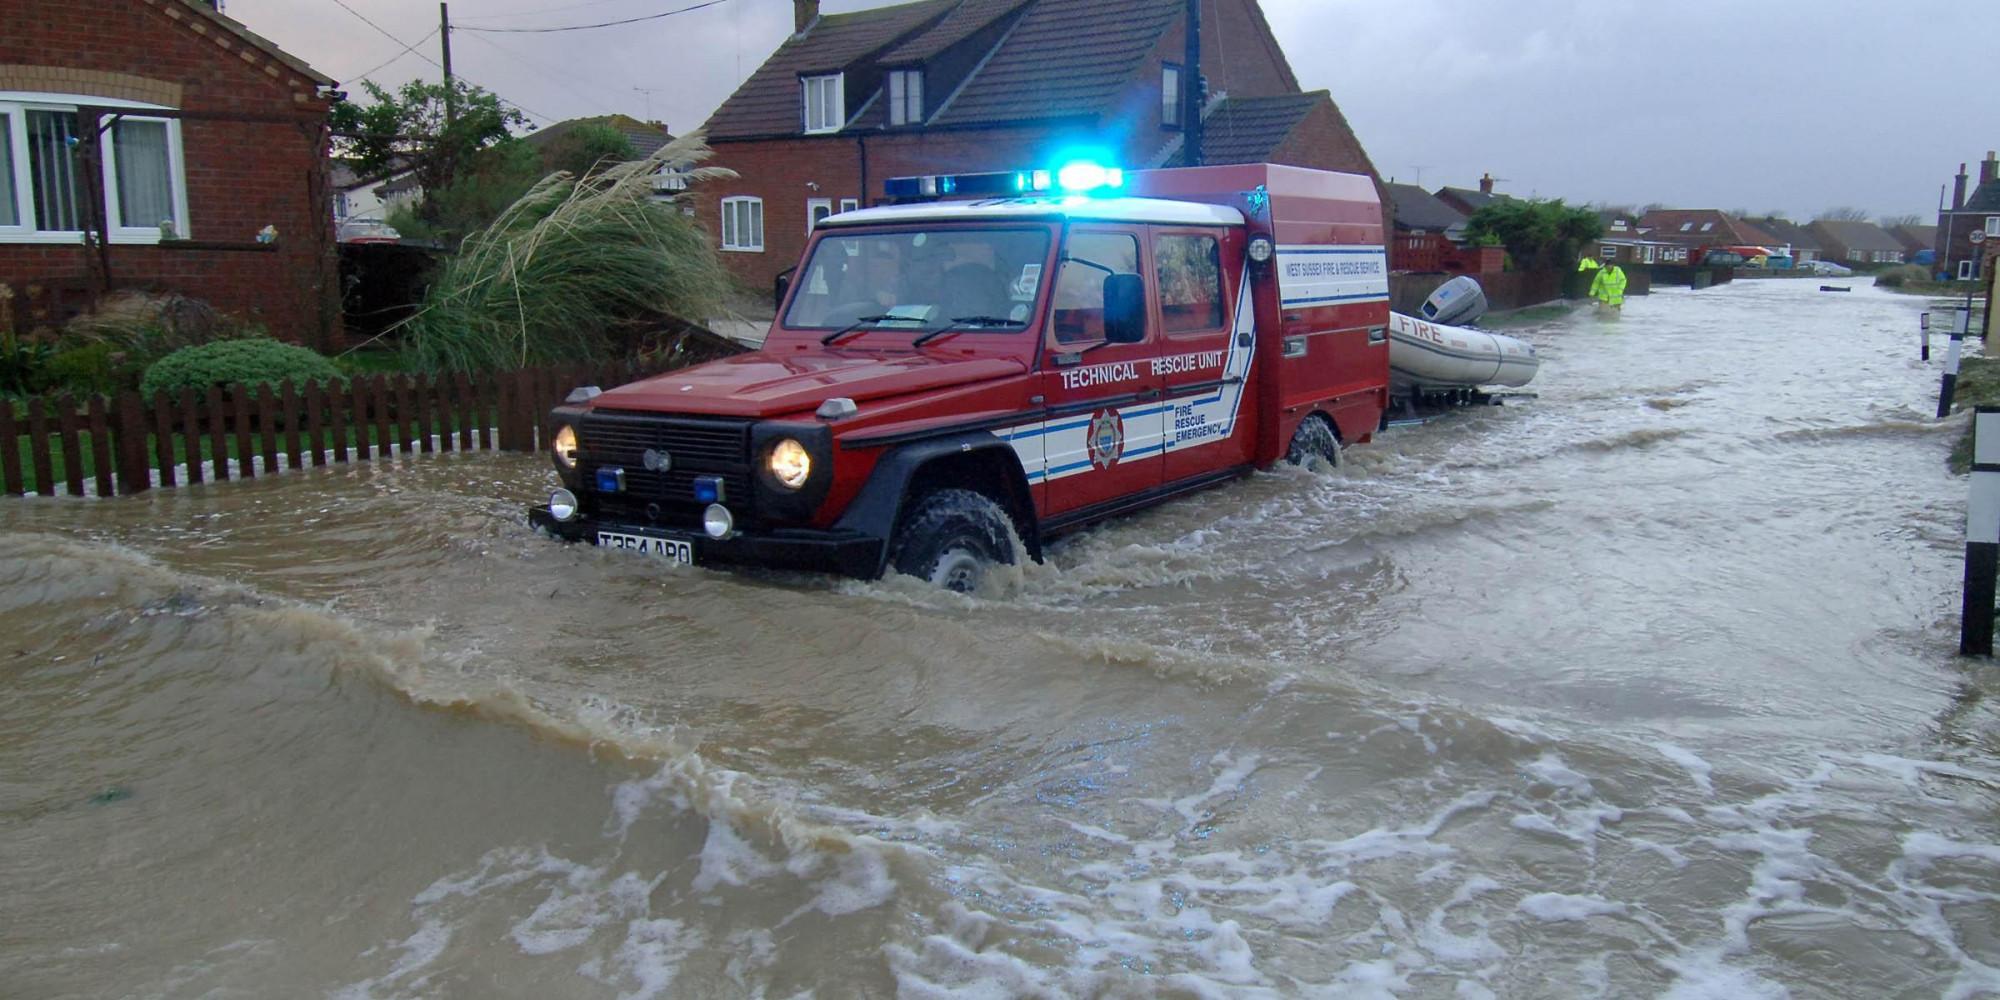 fire truck in flood